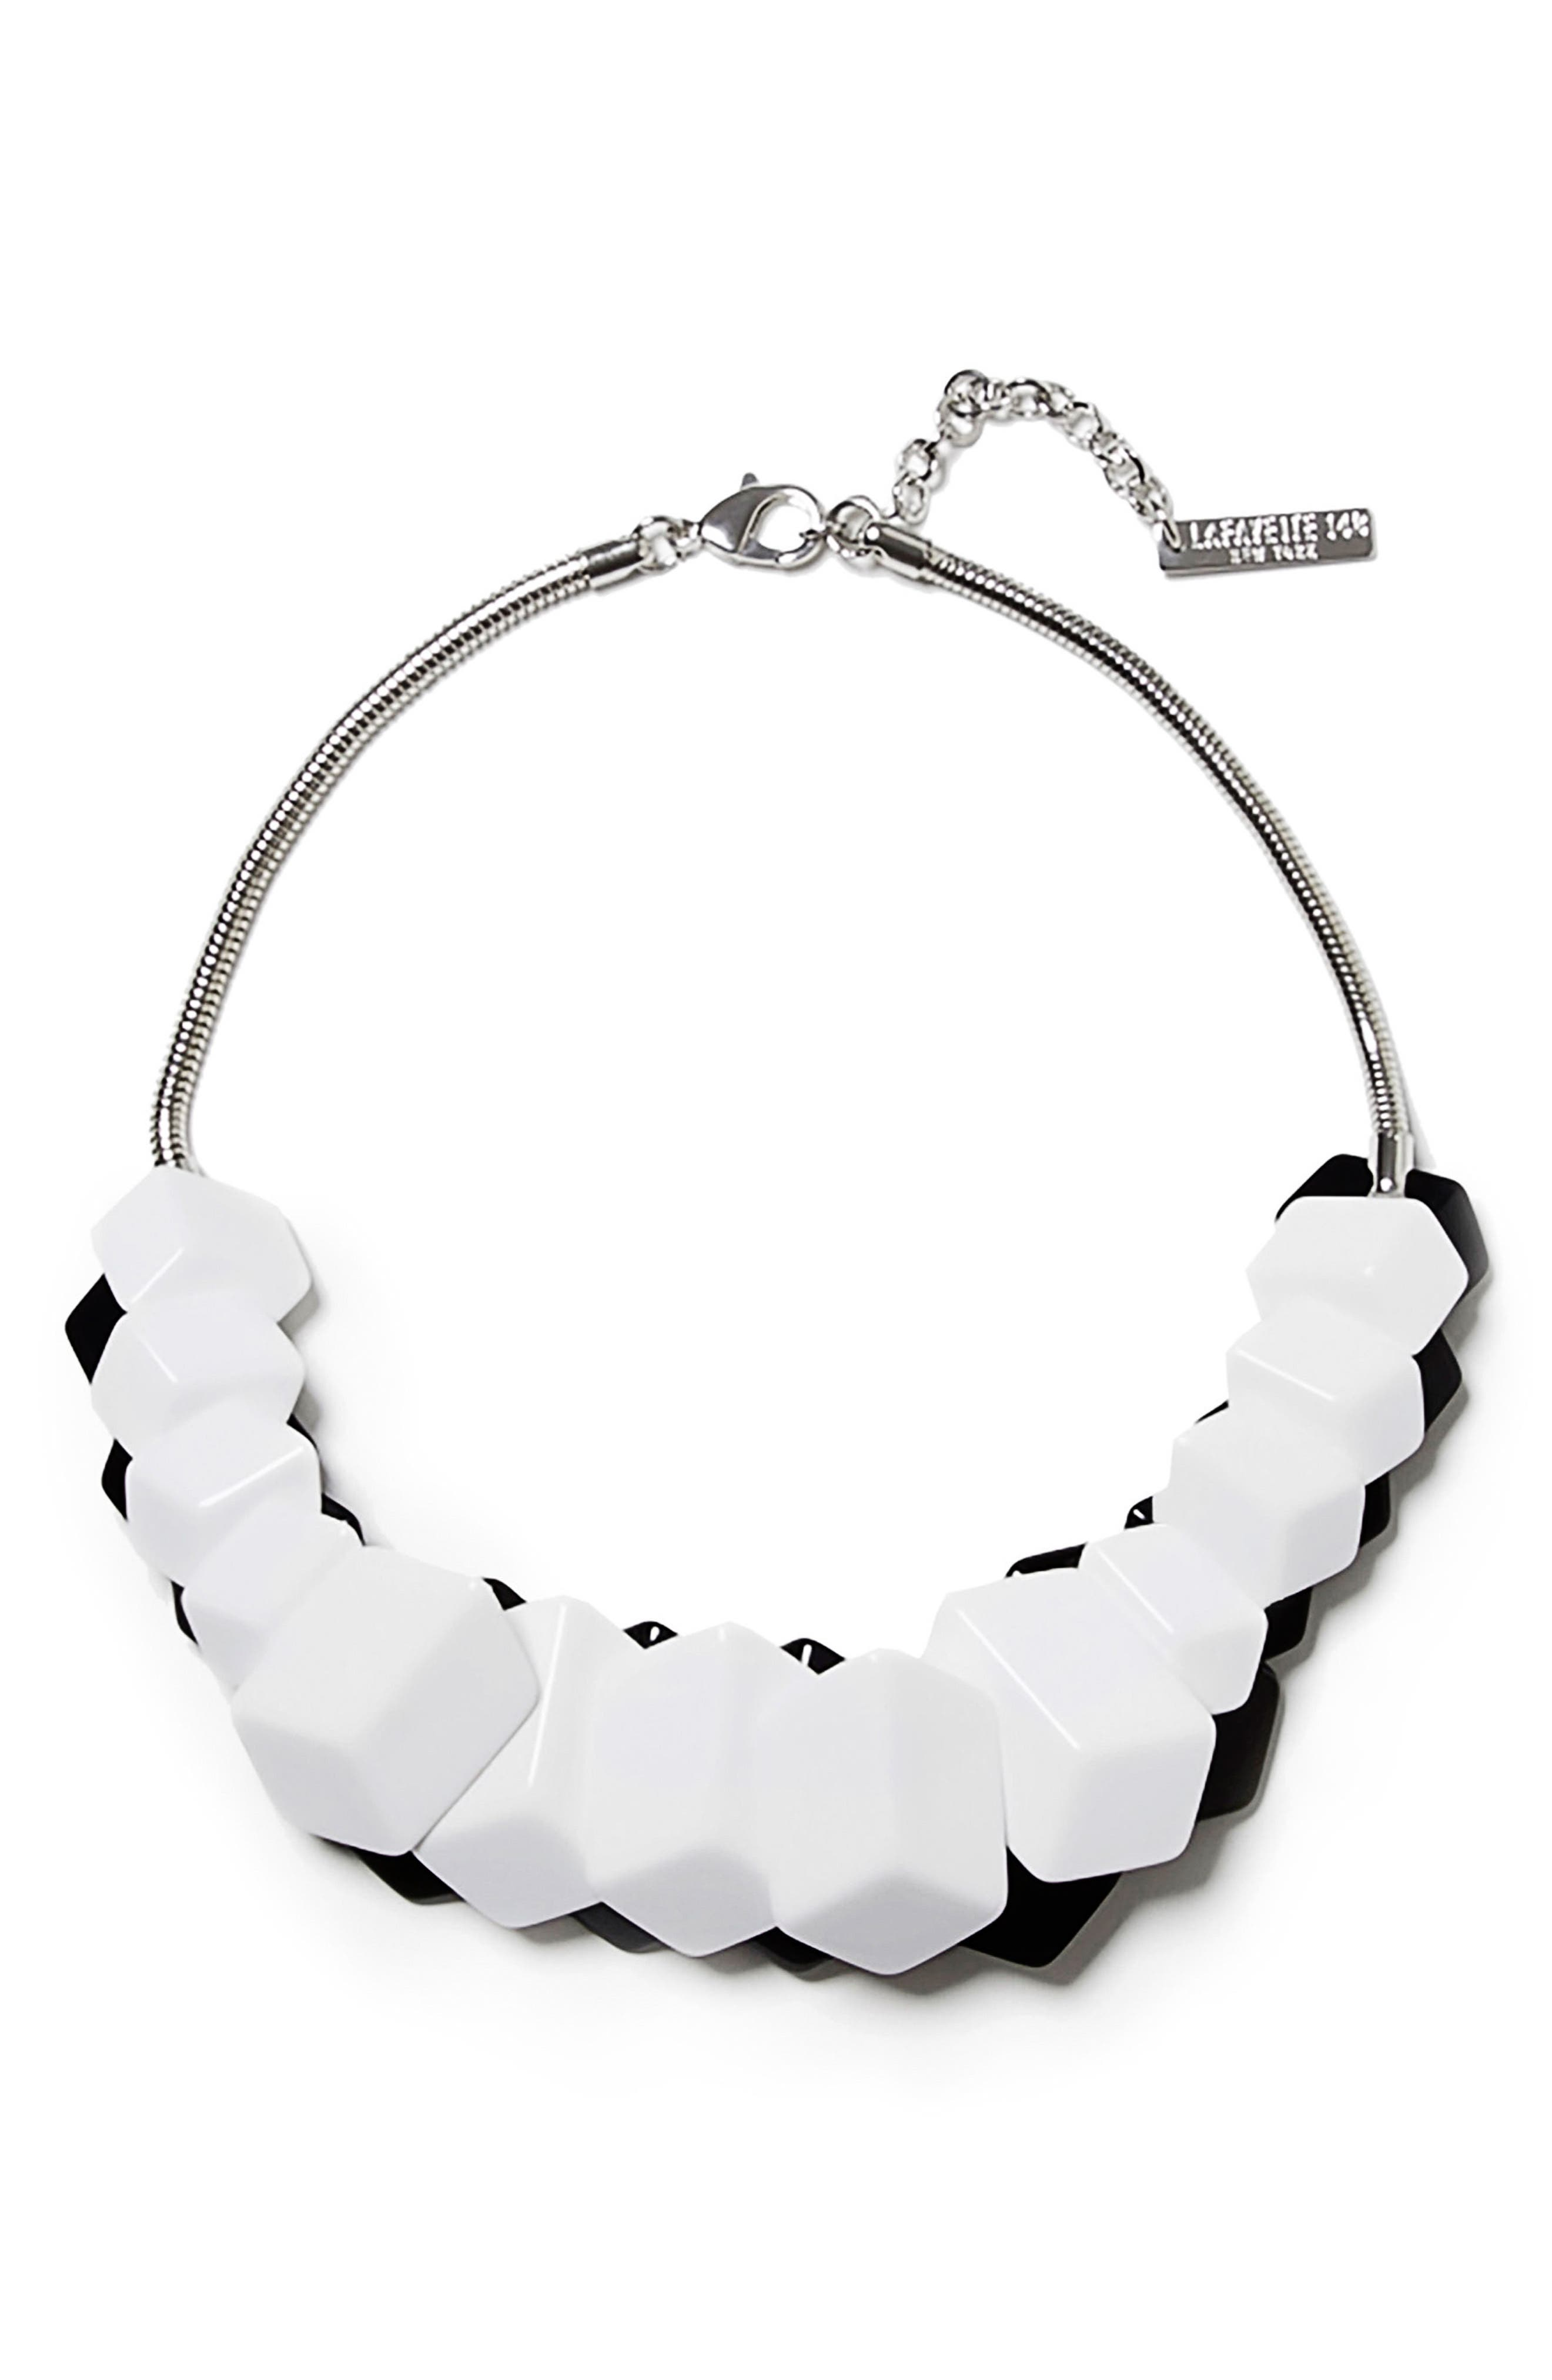 Cubist Reversible Statement Necklace,                         Main,                         color, Black/ White